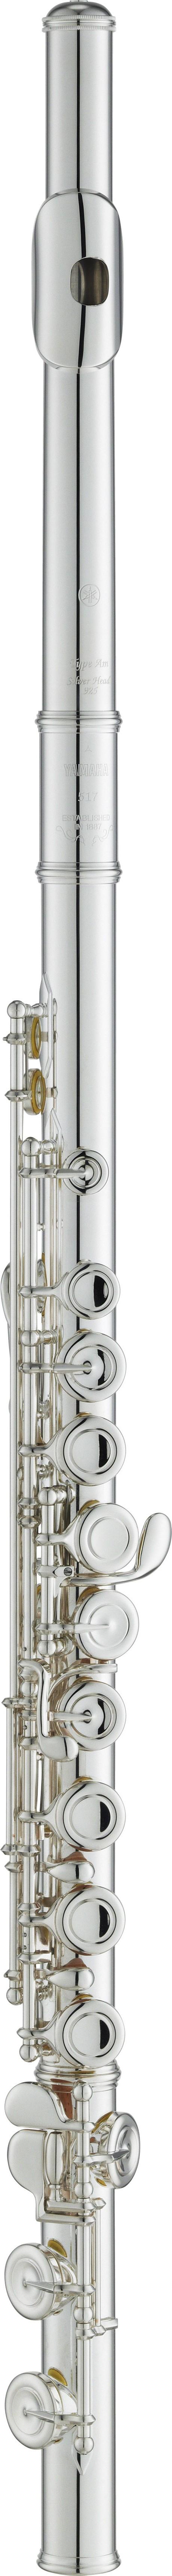 Yamaha - YFL-517 - CCEO - Holzblasinstrumente - Flöten mit E-Mechanik | MUSIK BERTRAM Deutschland Freiburg